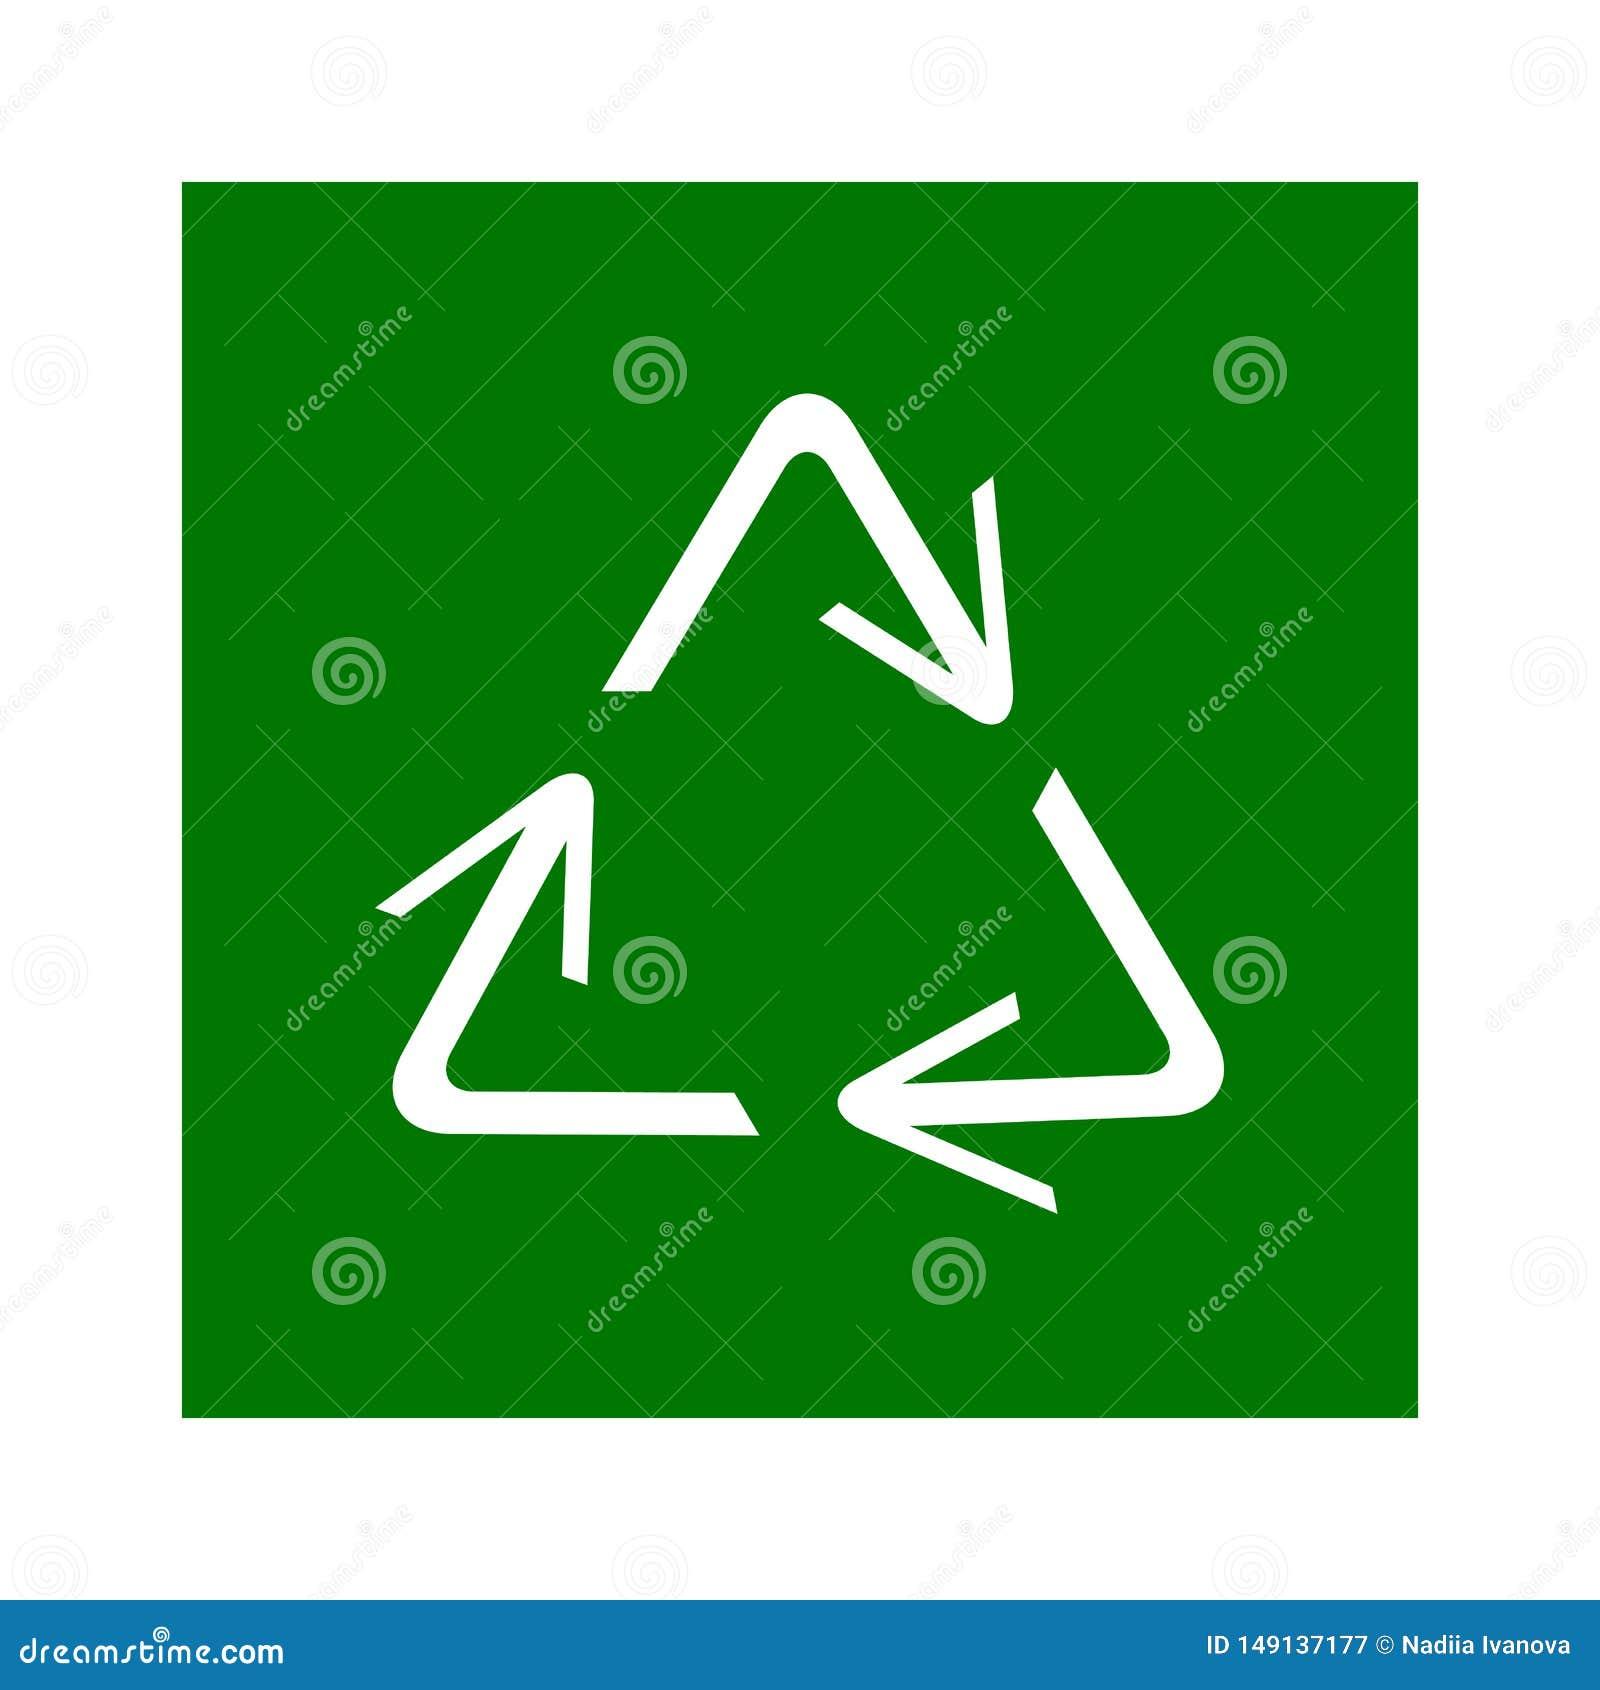 Het recycling van symbool van ecologisch zuivere fondsen, reeks pijlen